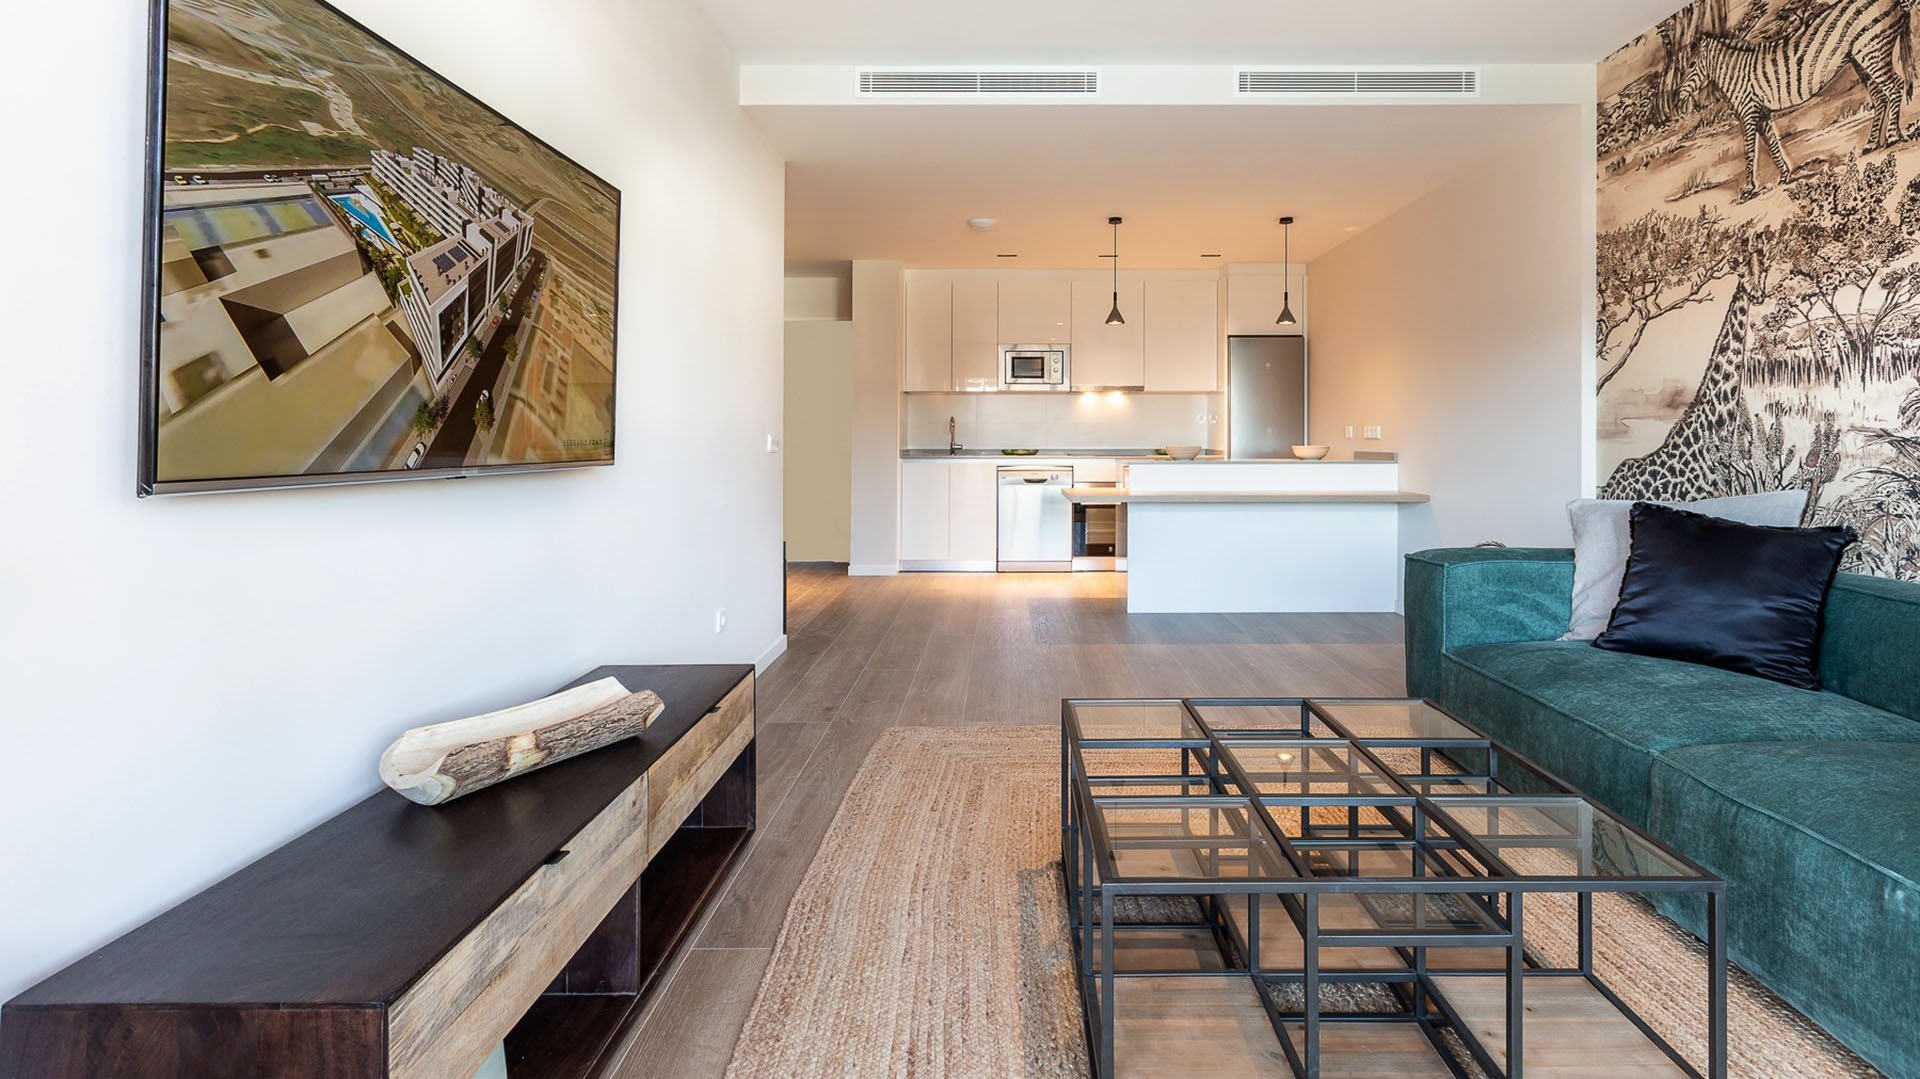 Residencial Wellingtonia: Residentieel complex in het centrum van Estepona